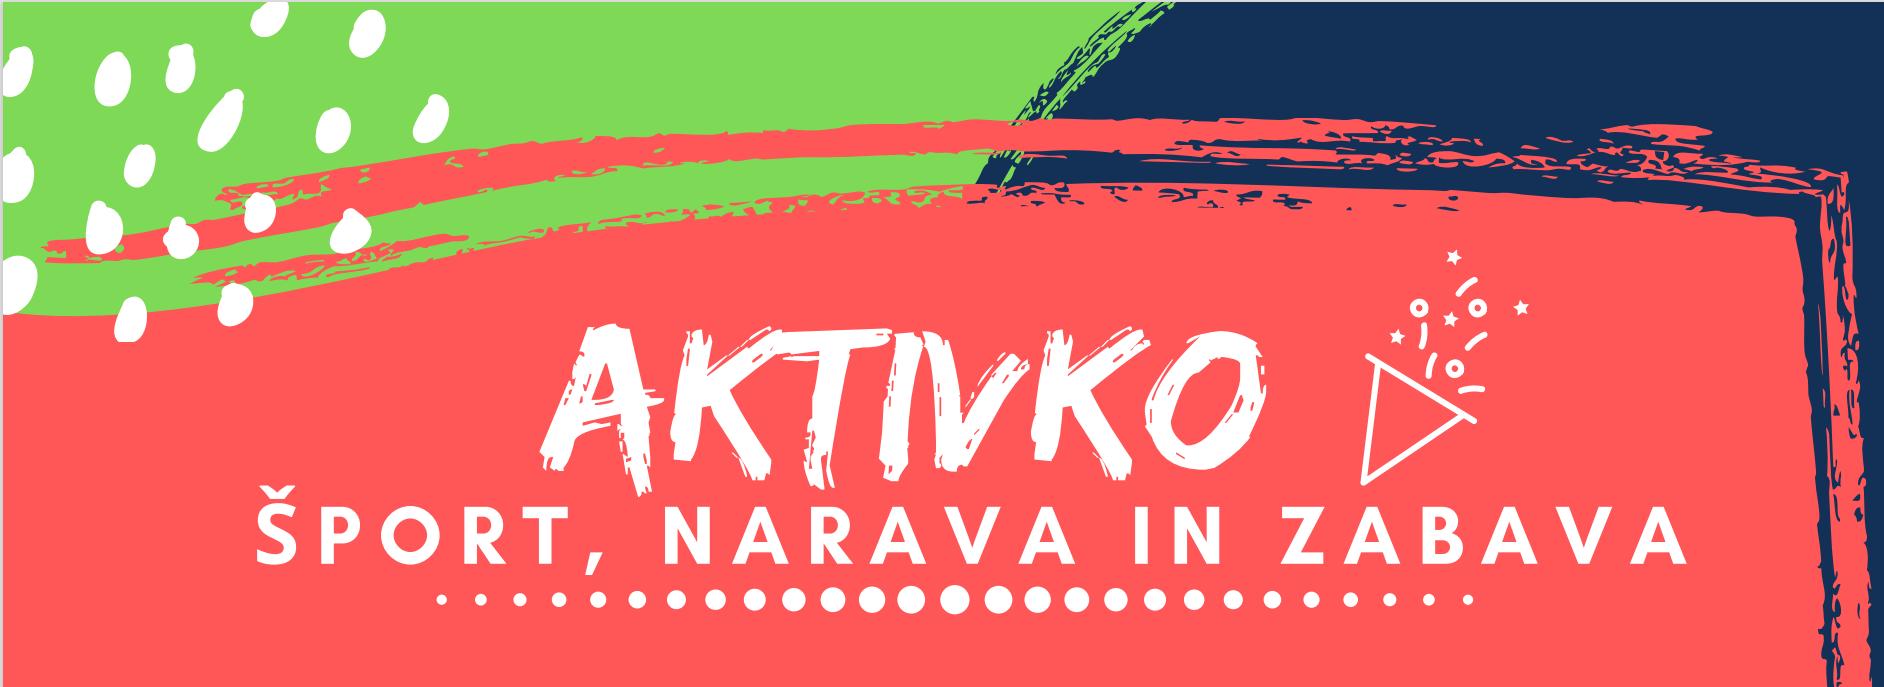 Logotip aktivko